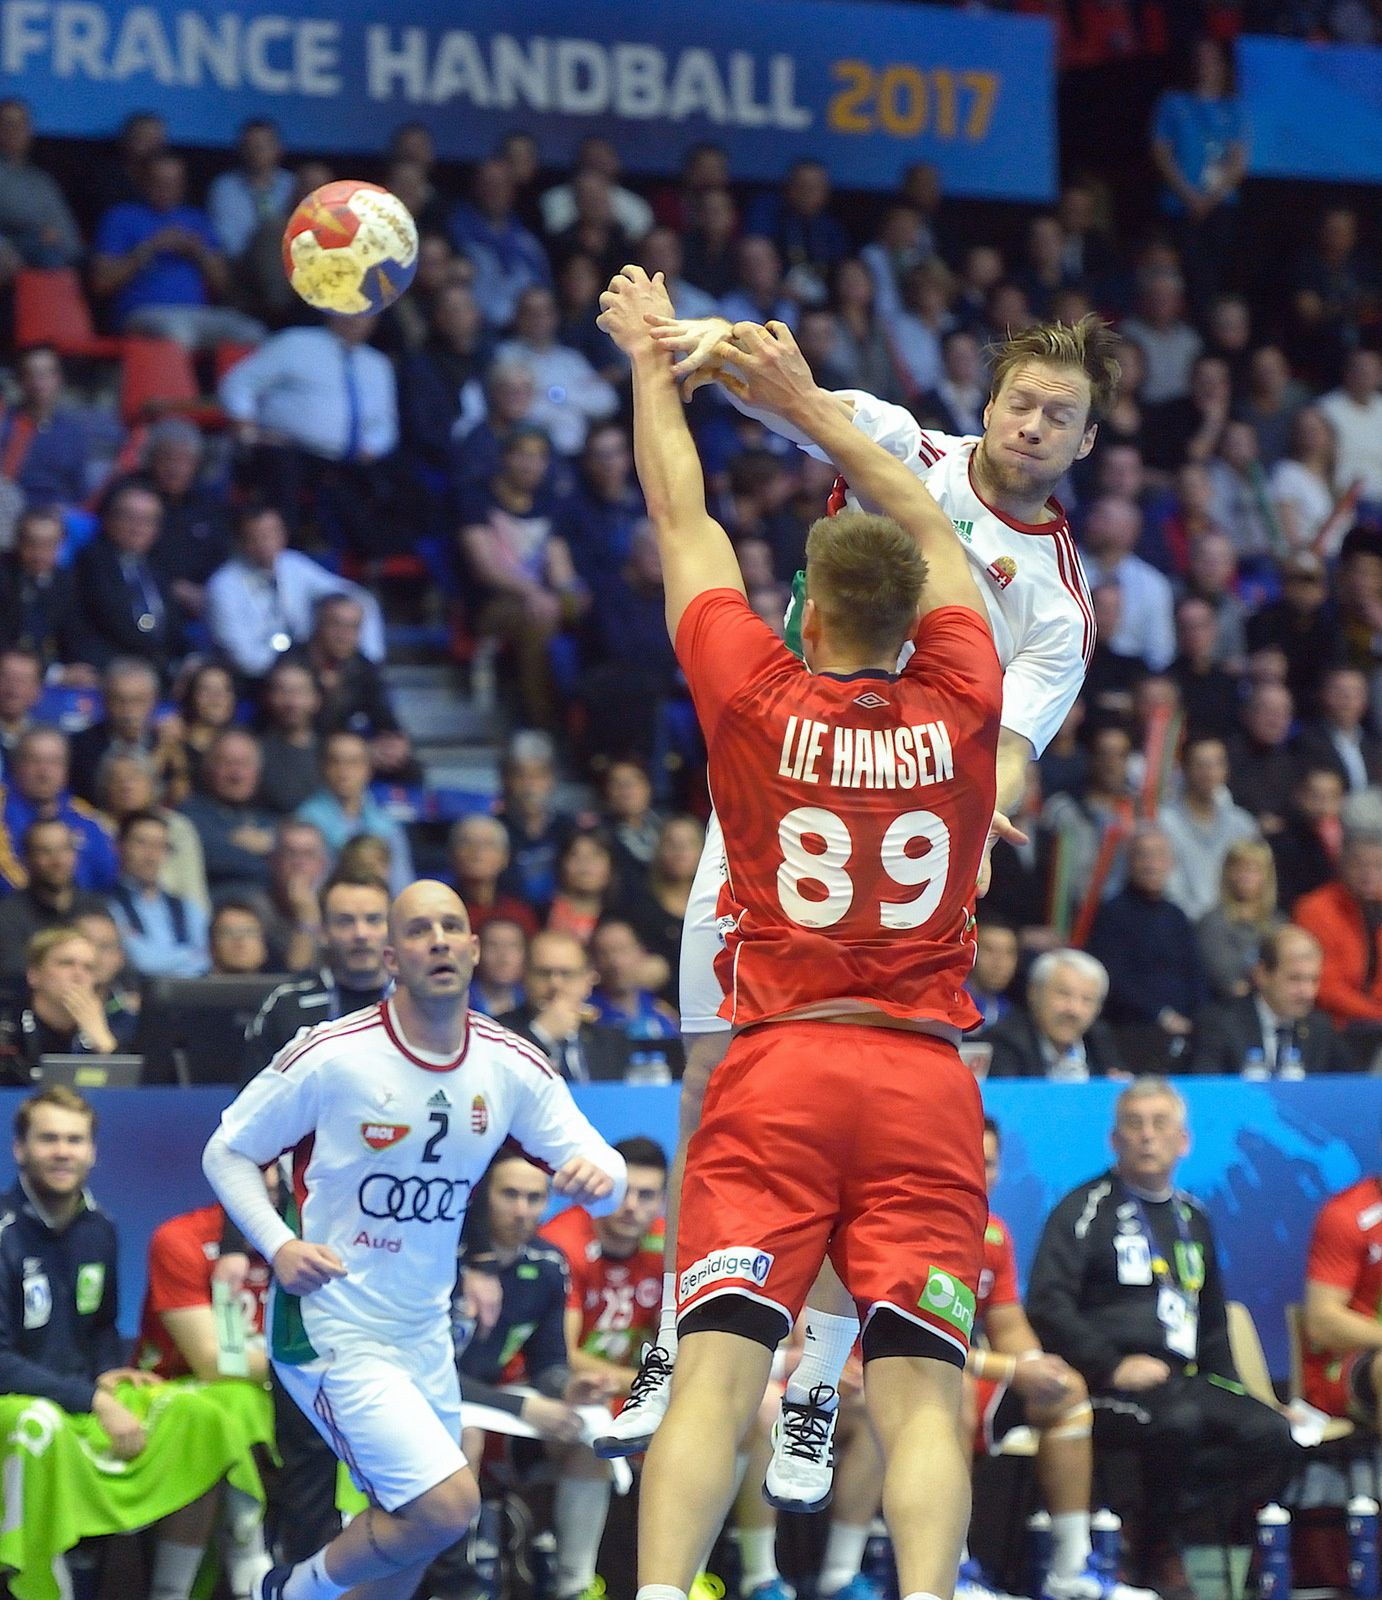 Mondial 2017, le quart pour la Norvège face à une Hongrie aux abonnés absents.